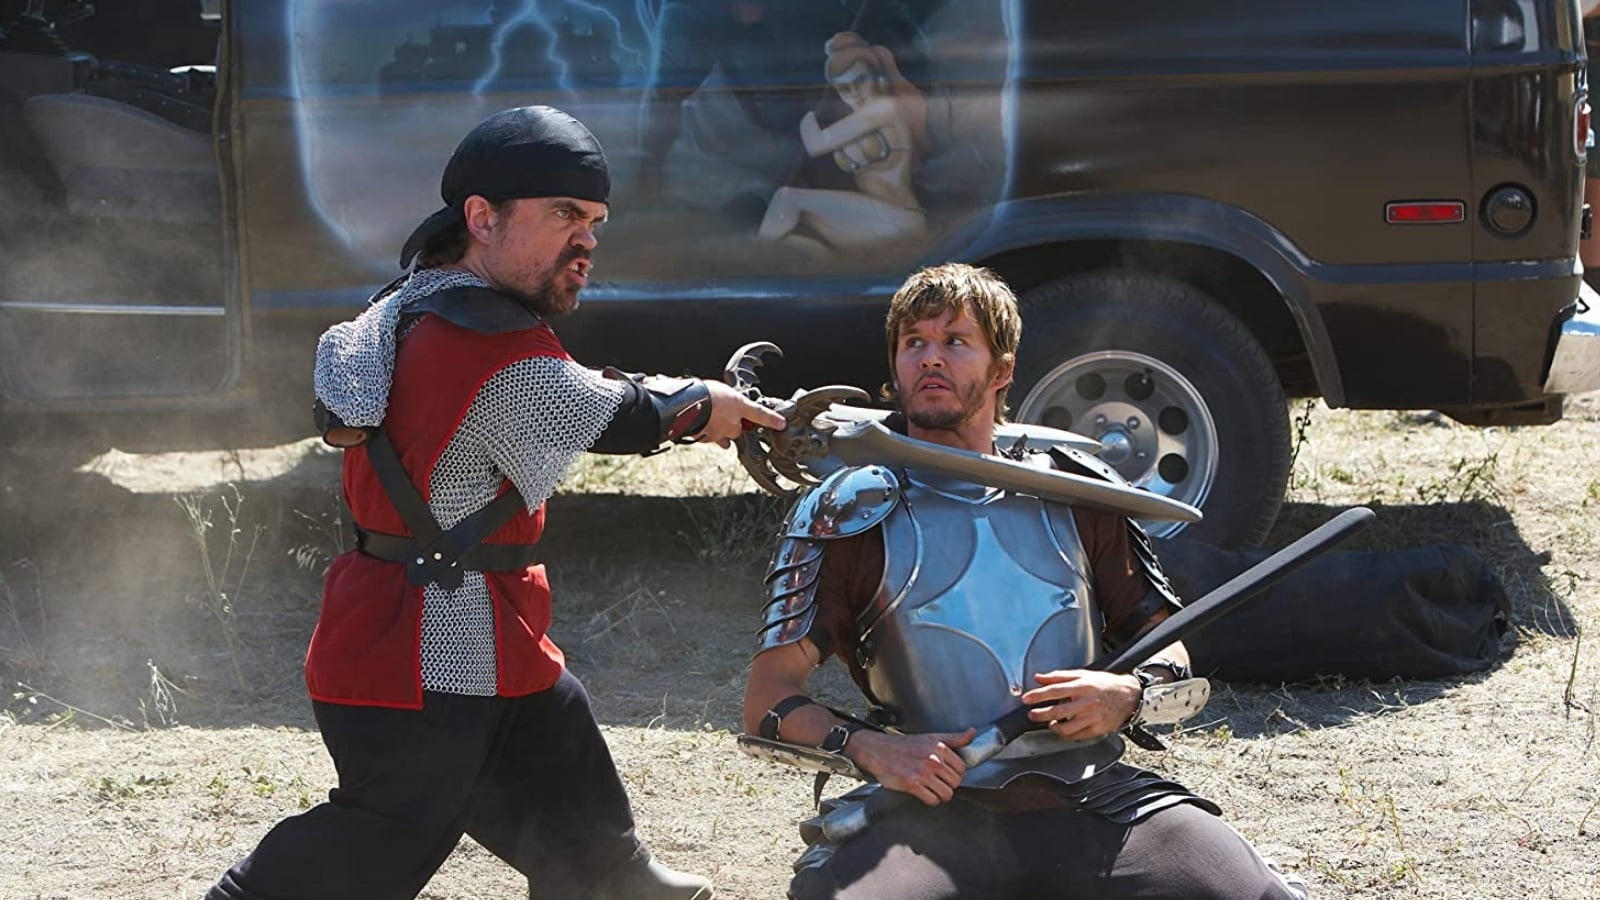 Knights of Badassdom (2013)